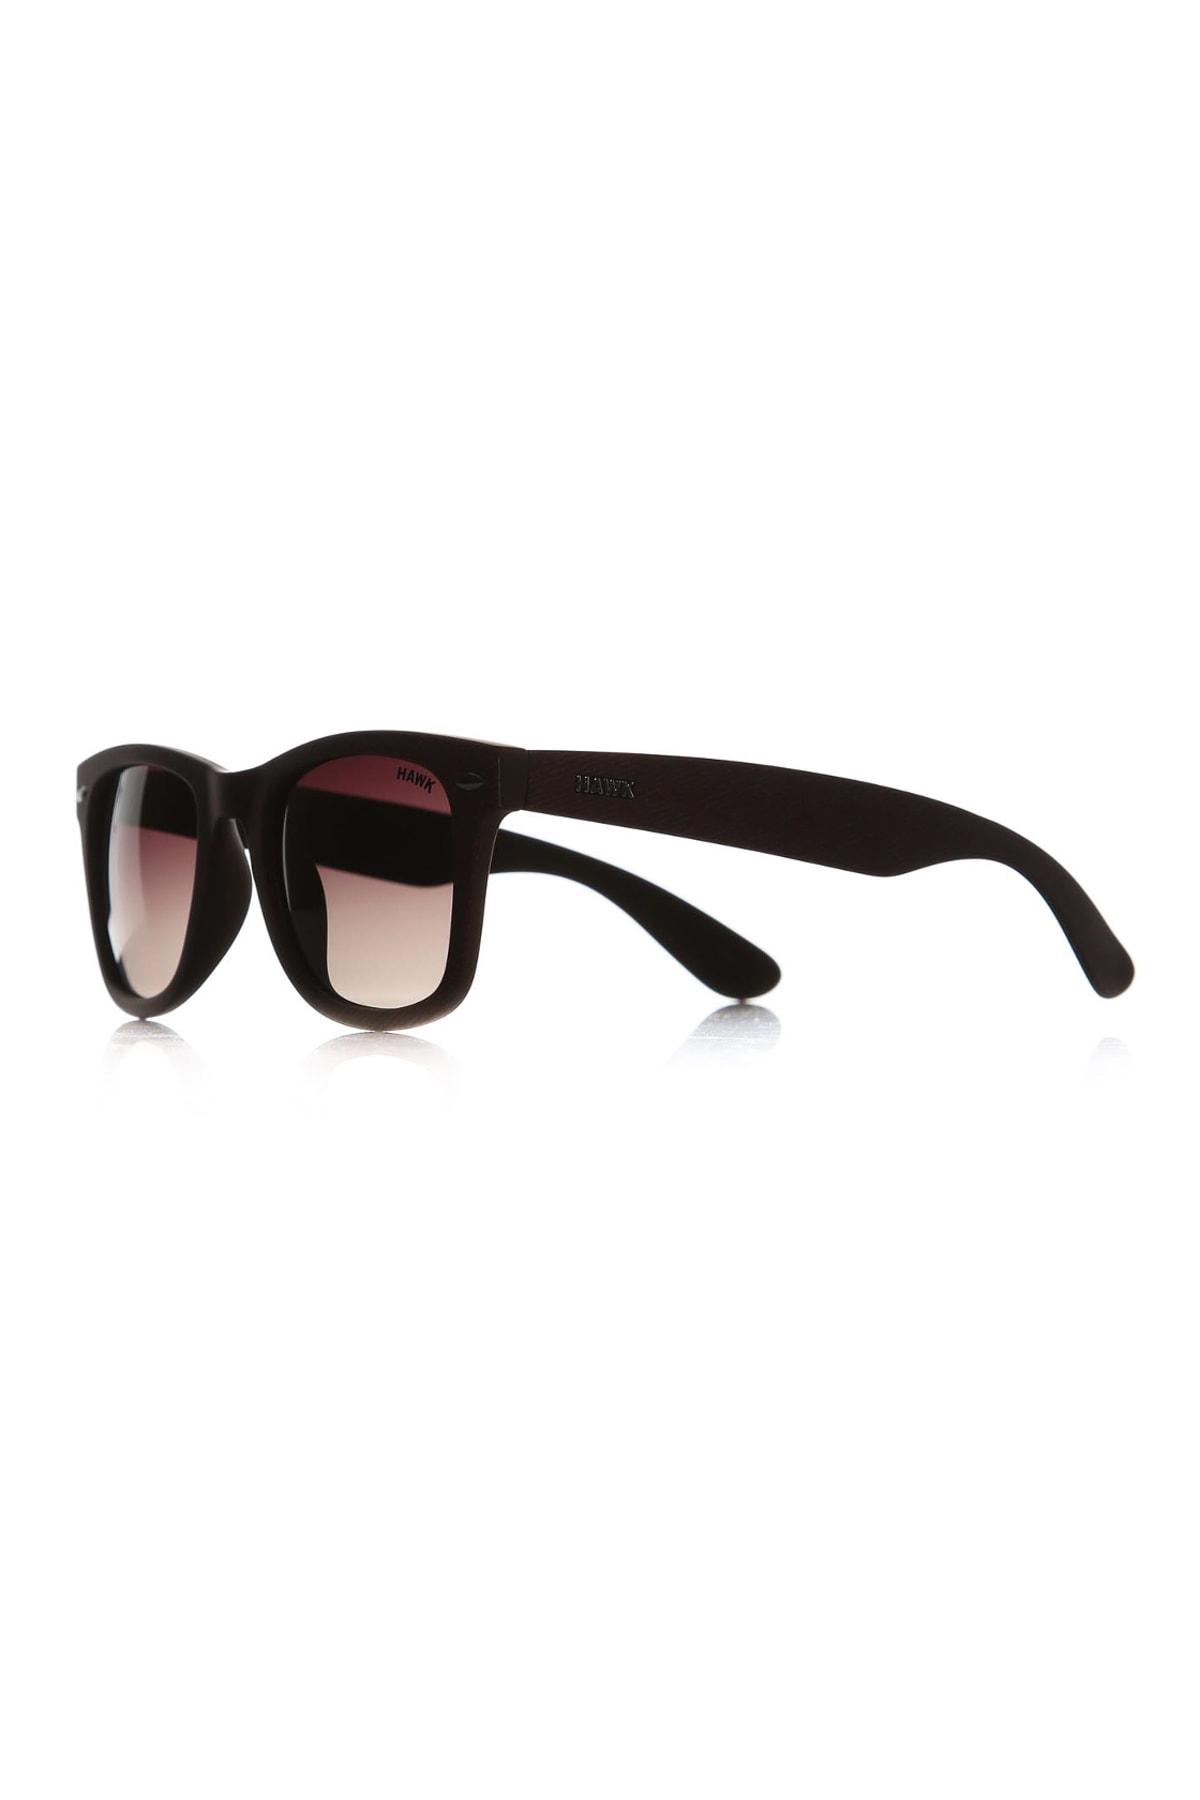 خرید نقدی عینک دودی پاییزی مردانه برند HAWK کد ty31285425